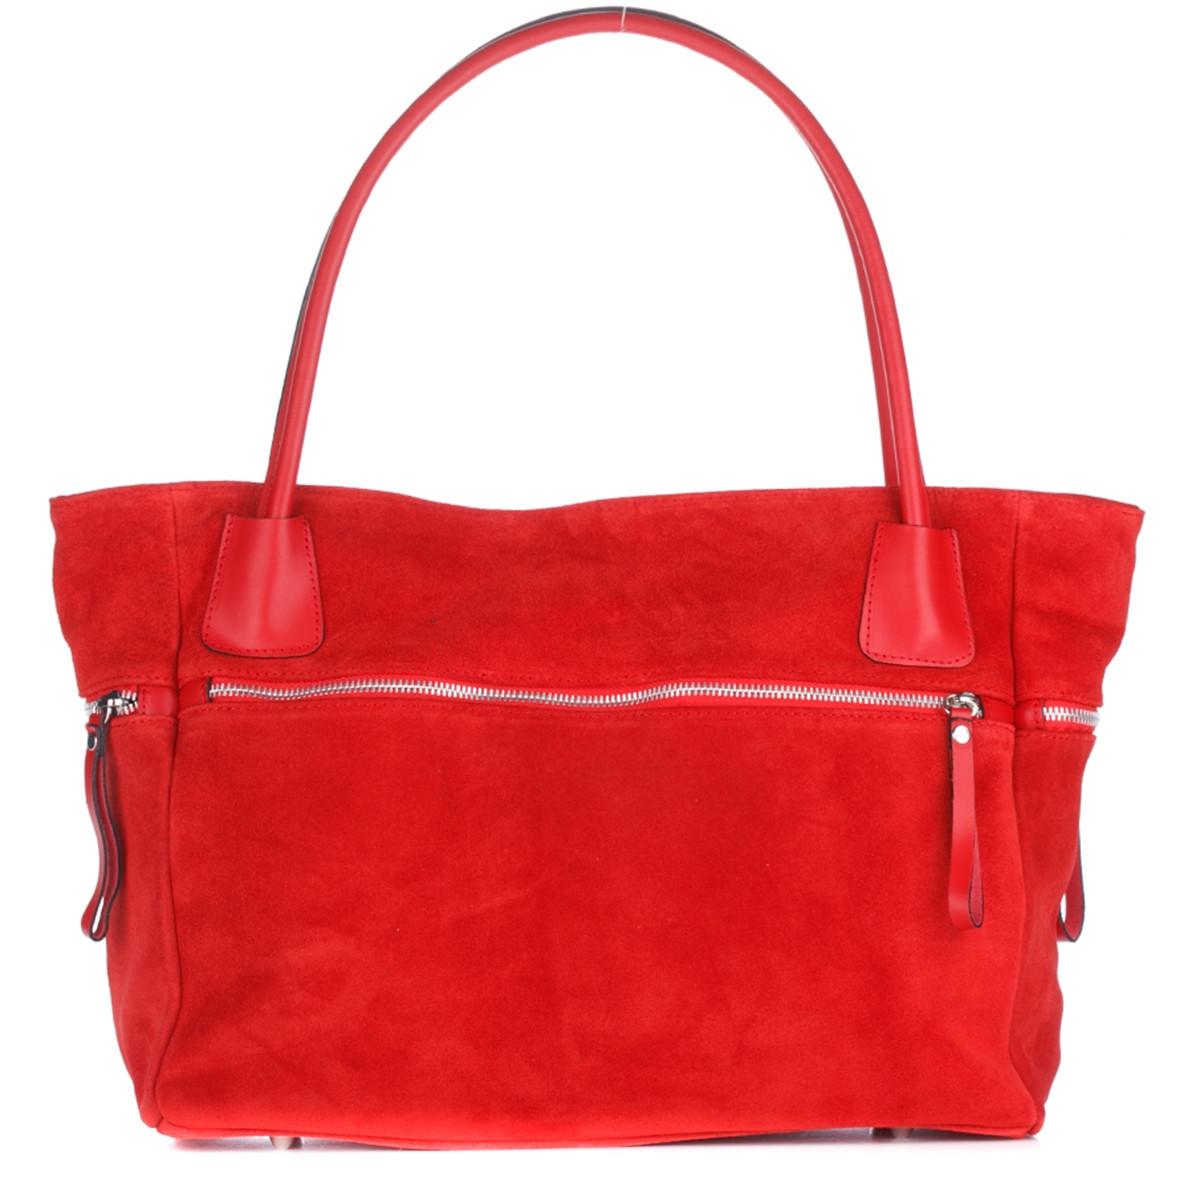 Женская замшевая сумка 1891 красного цвета Италия